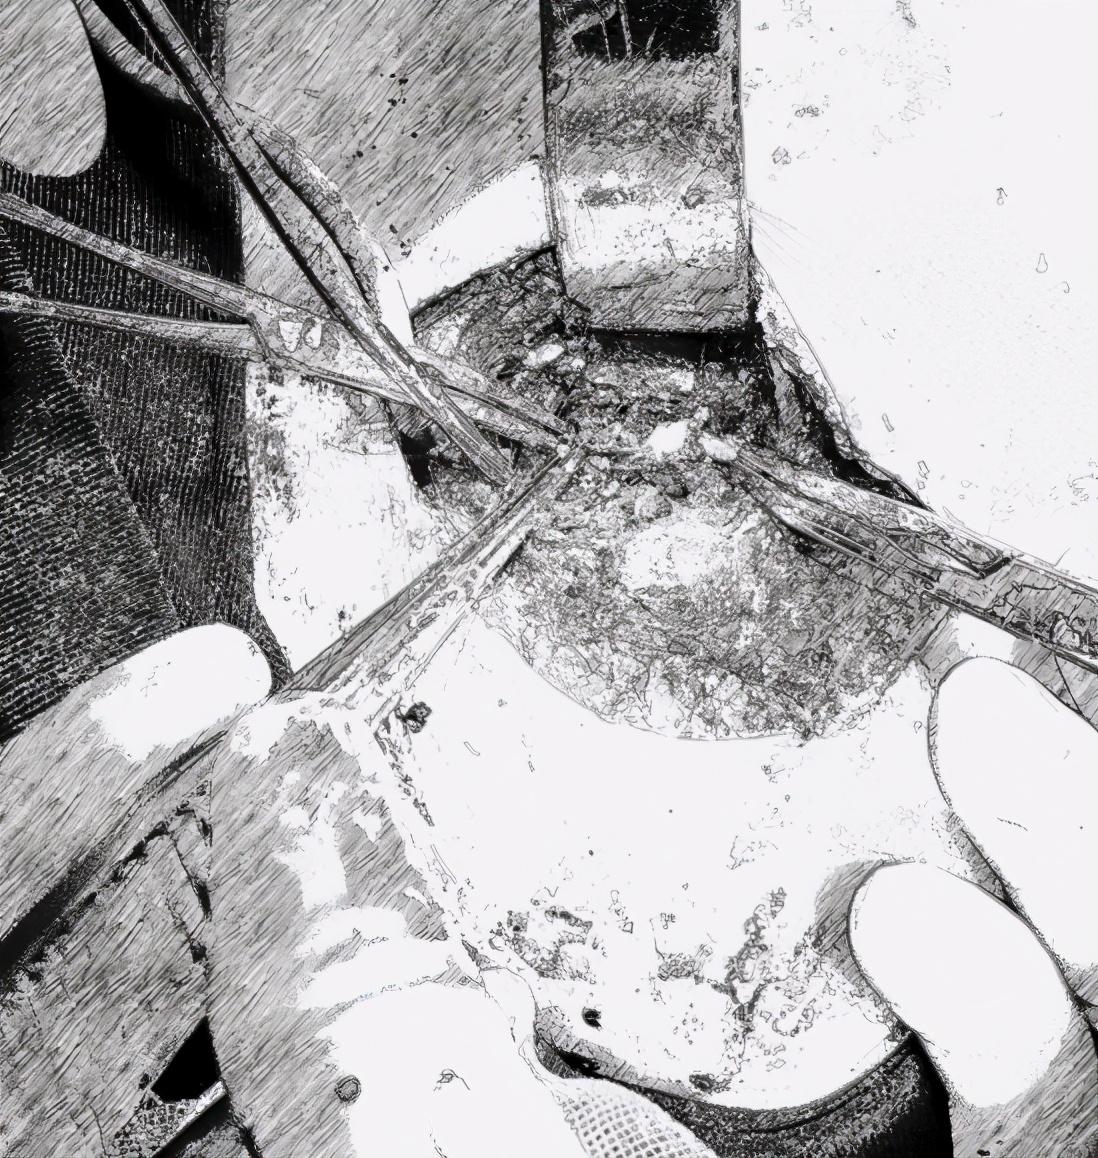 剪刀刺伤男童致大动脉破裂,江西省儿童医院奋力成功救治